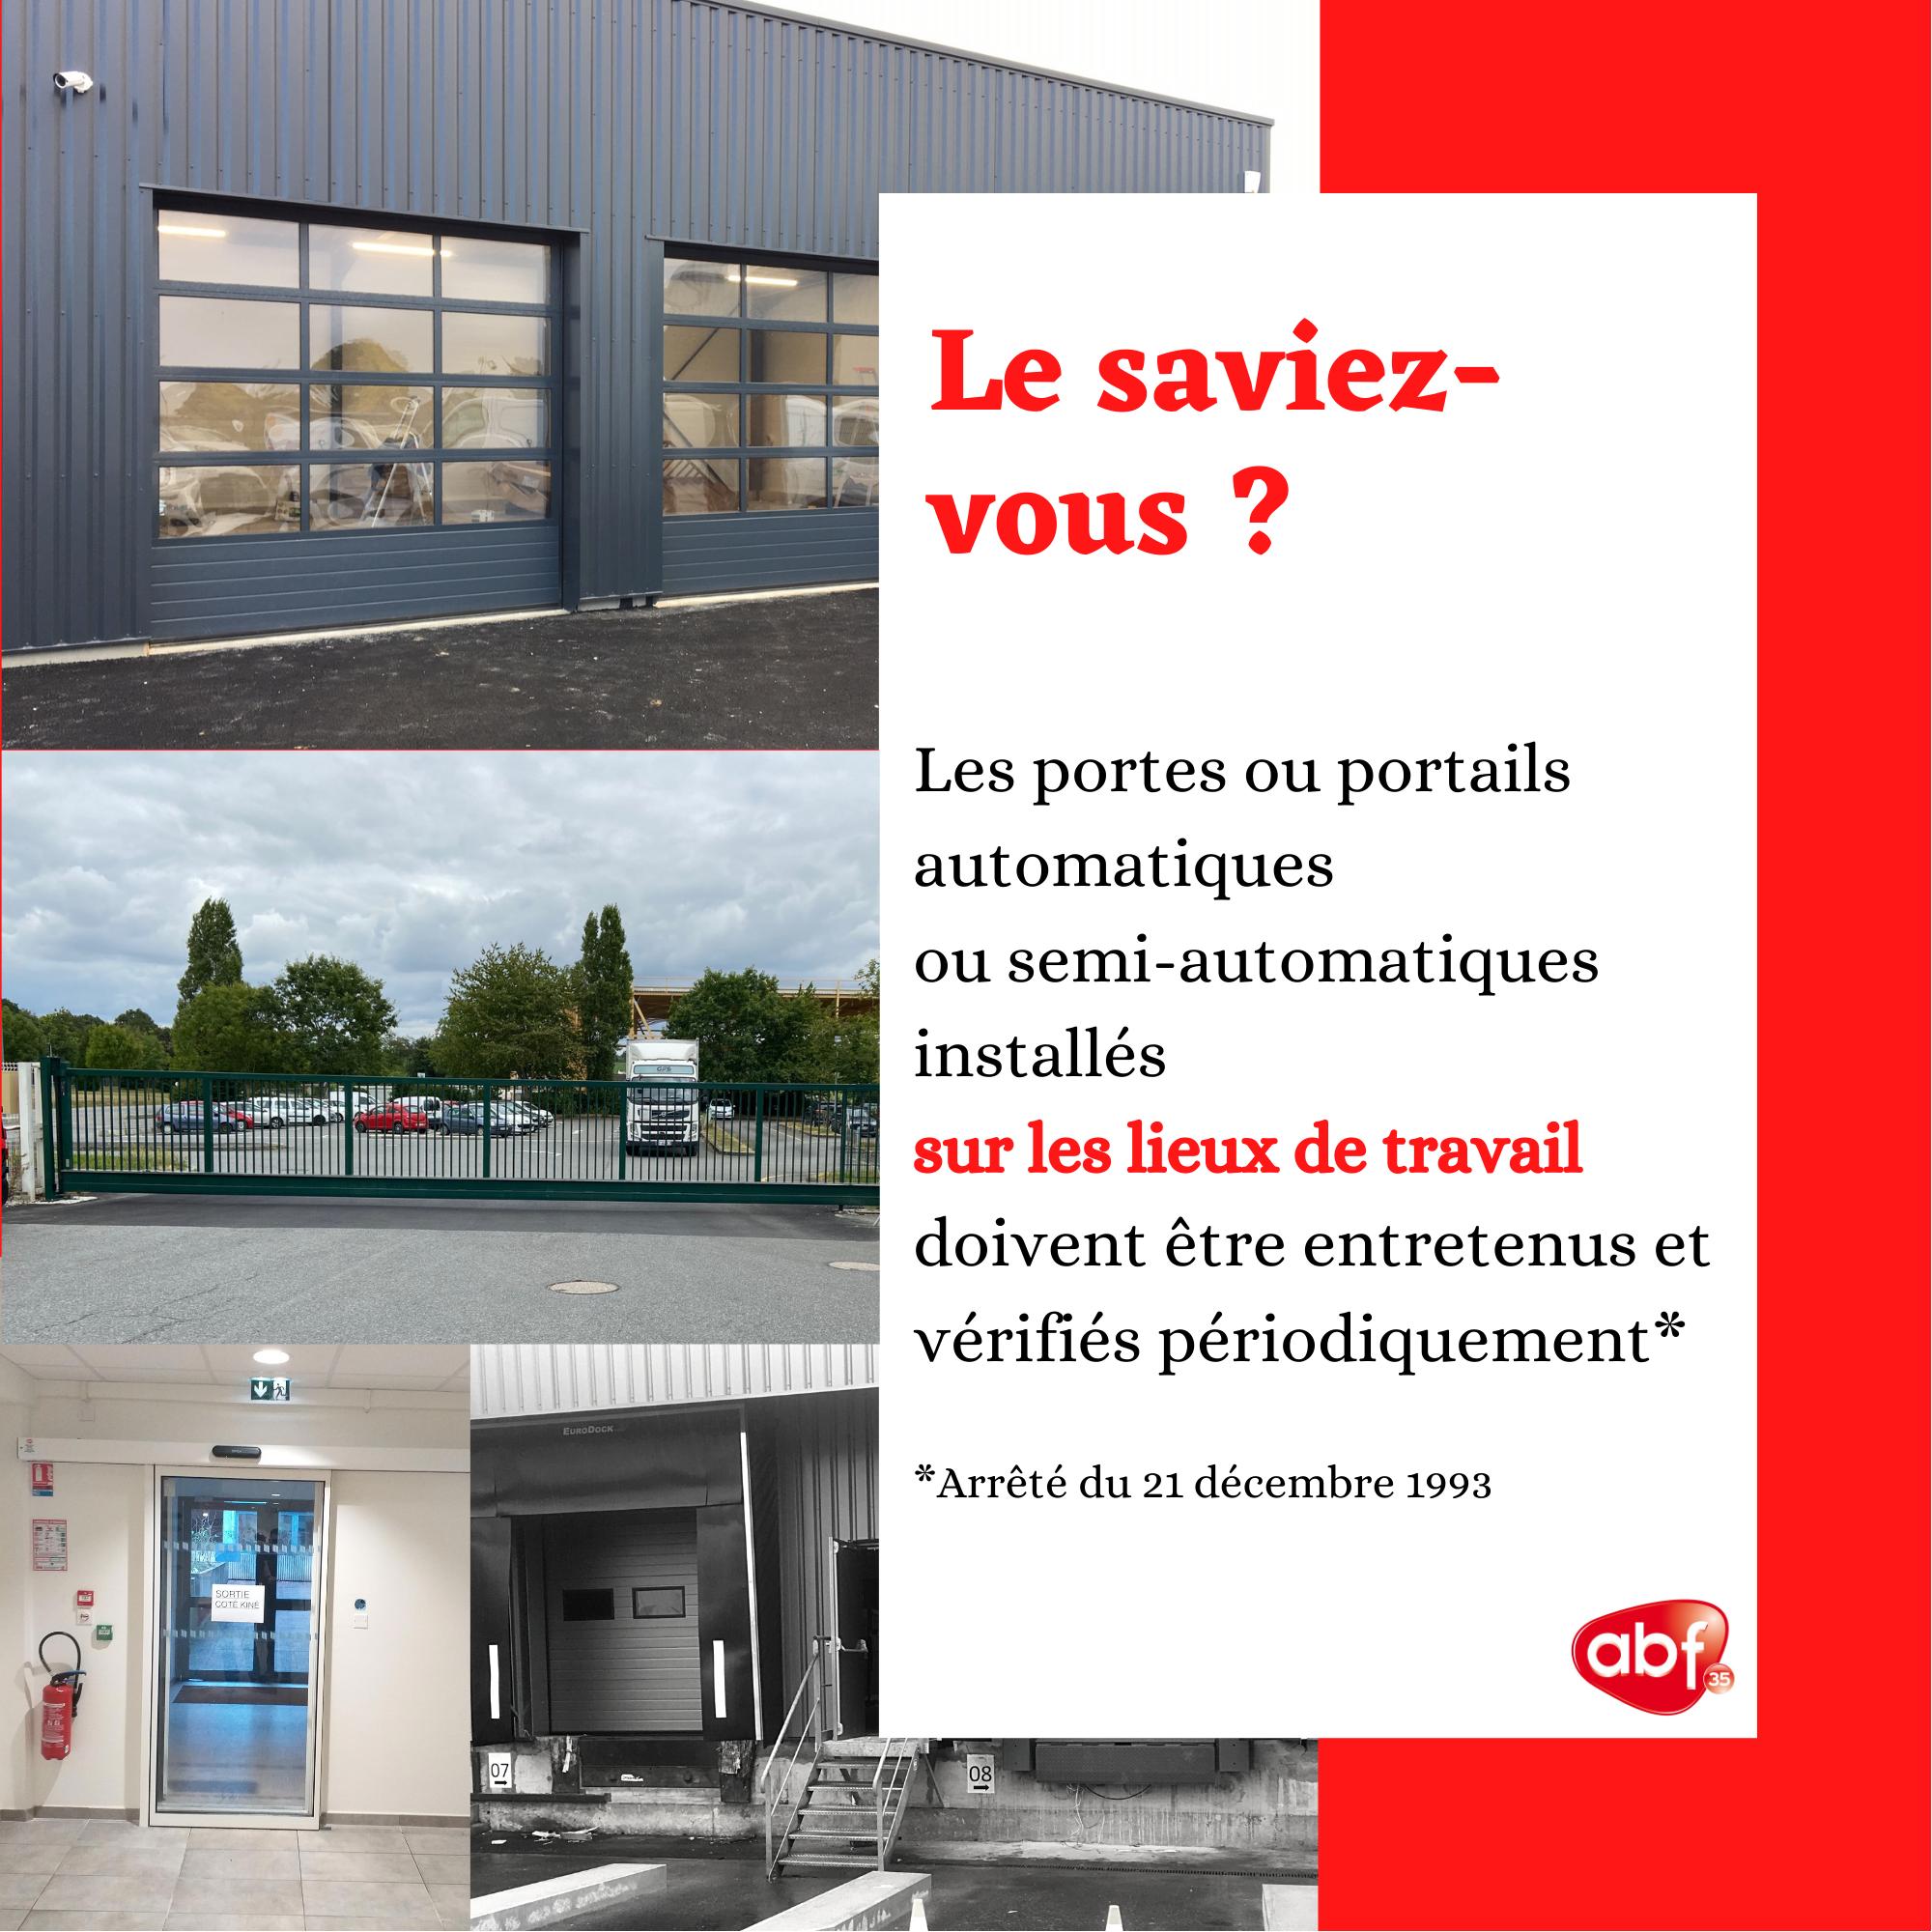 You are currently viewing [LIEUX DE TRAVAIL] Obligation de maintenance des portes et portails automatiques